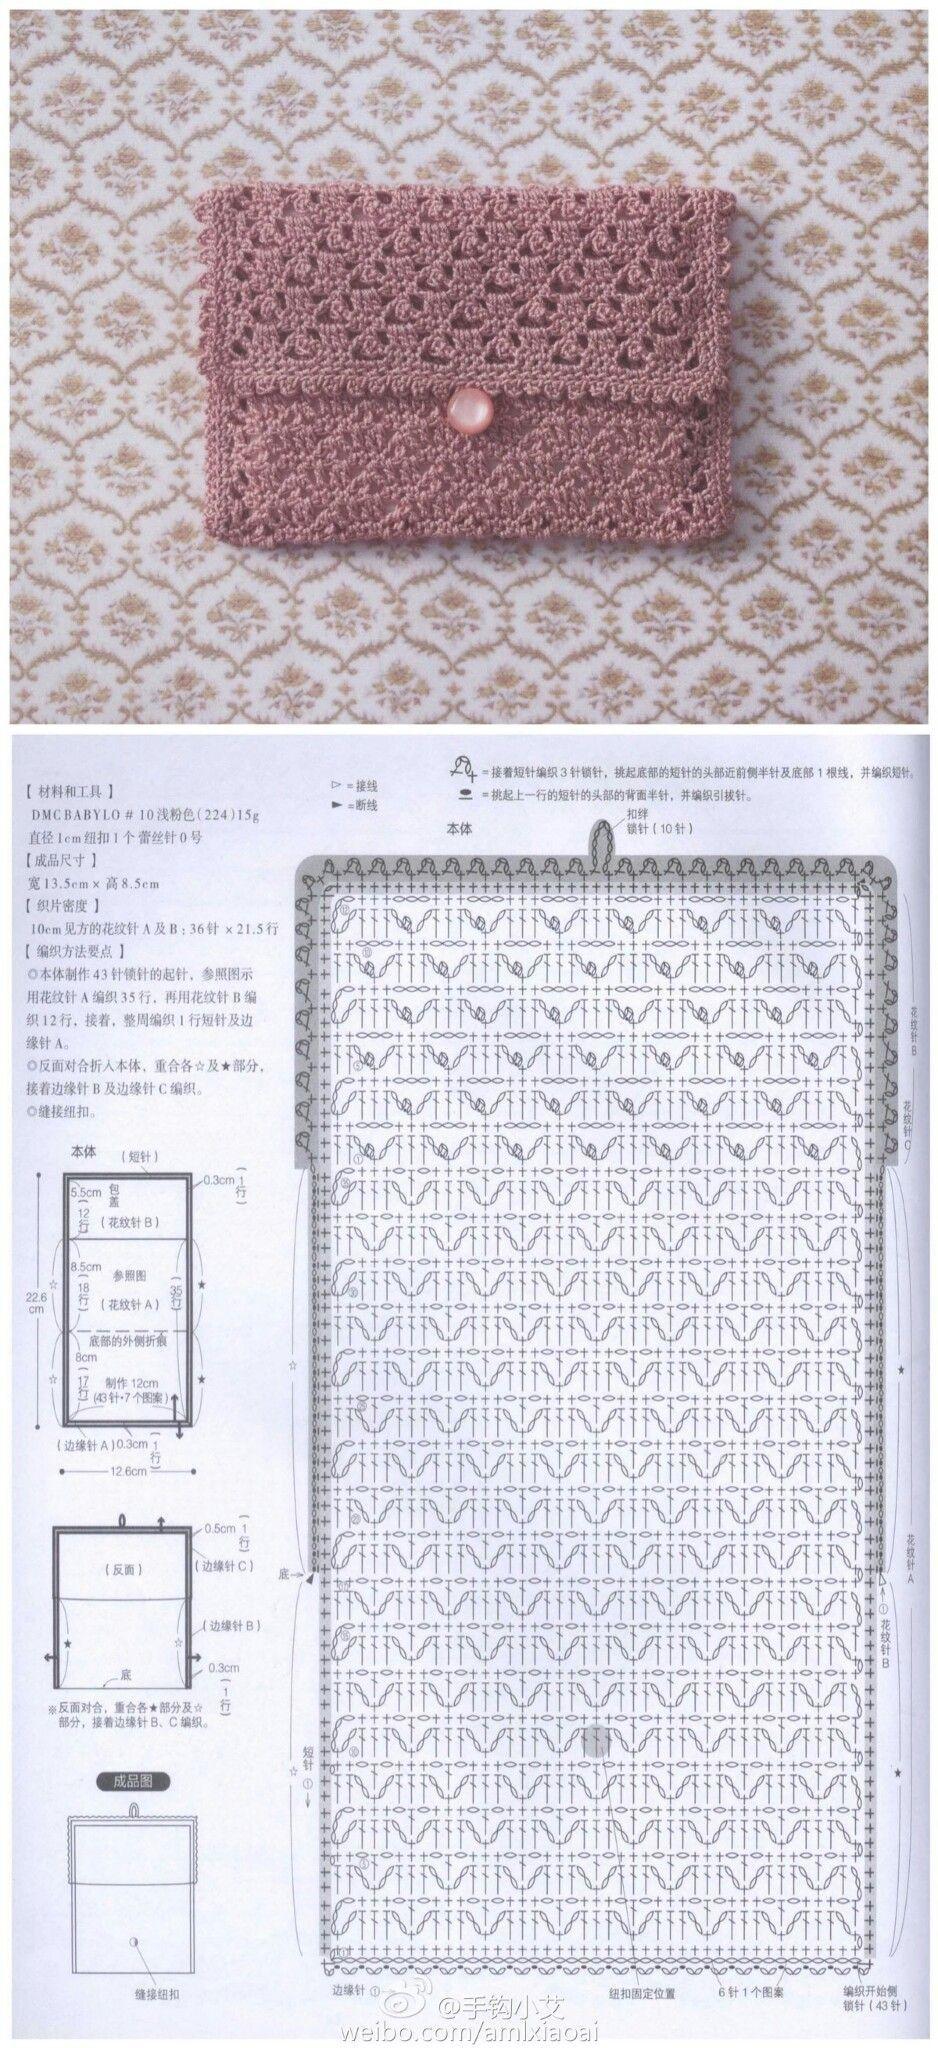 Pochette Alluncinetto In Cotone Traforata Pola Rajut Crochet